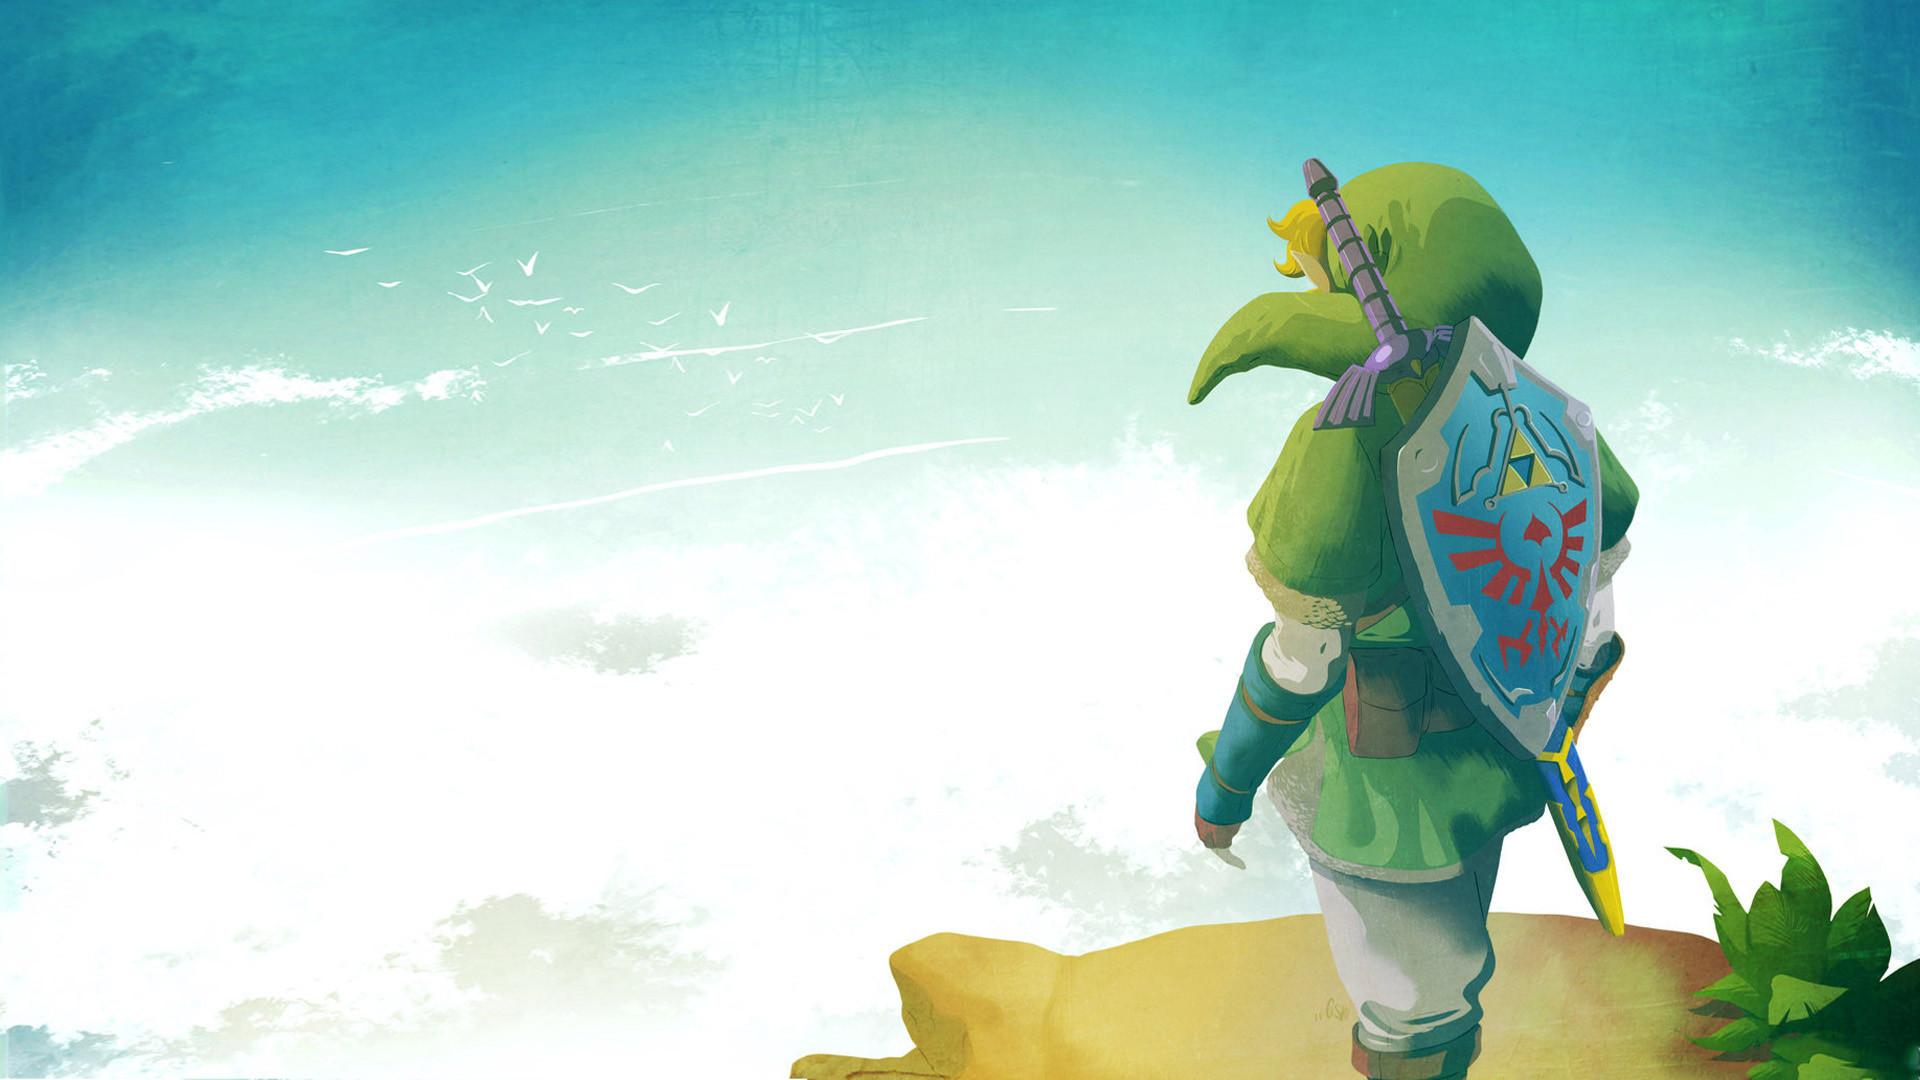 Legend Of Zelda Wallpaper 1920x1080 87 Images